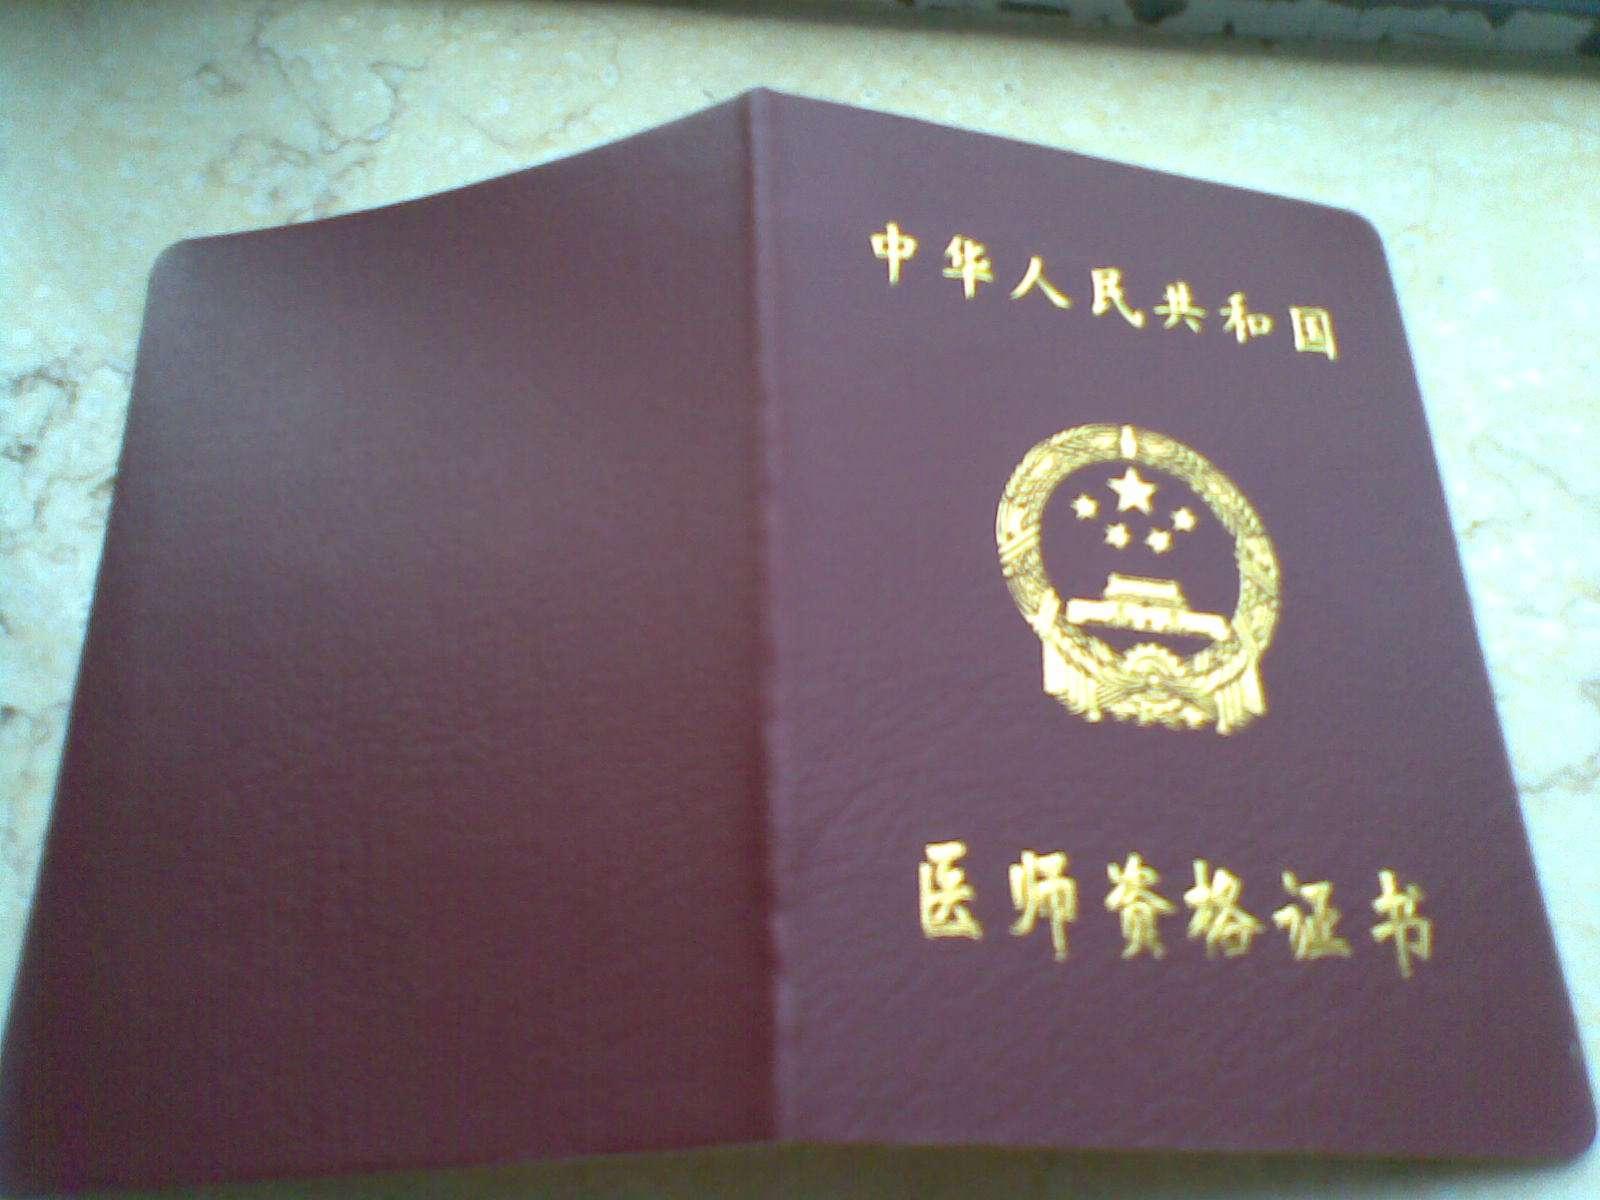 中医类别2019执业医师考试如何备考?